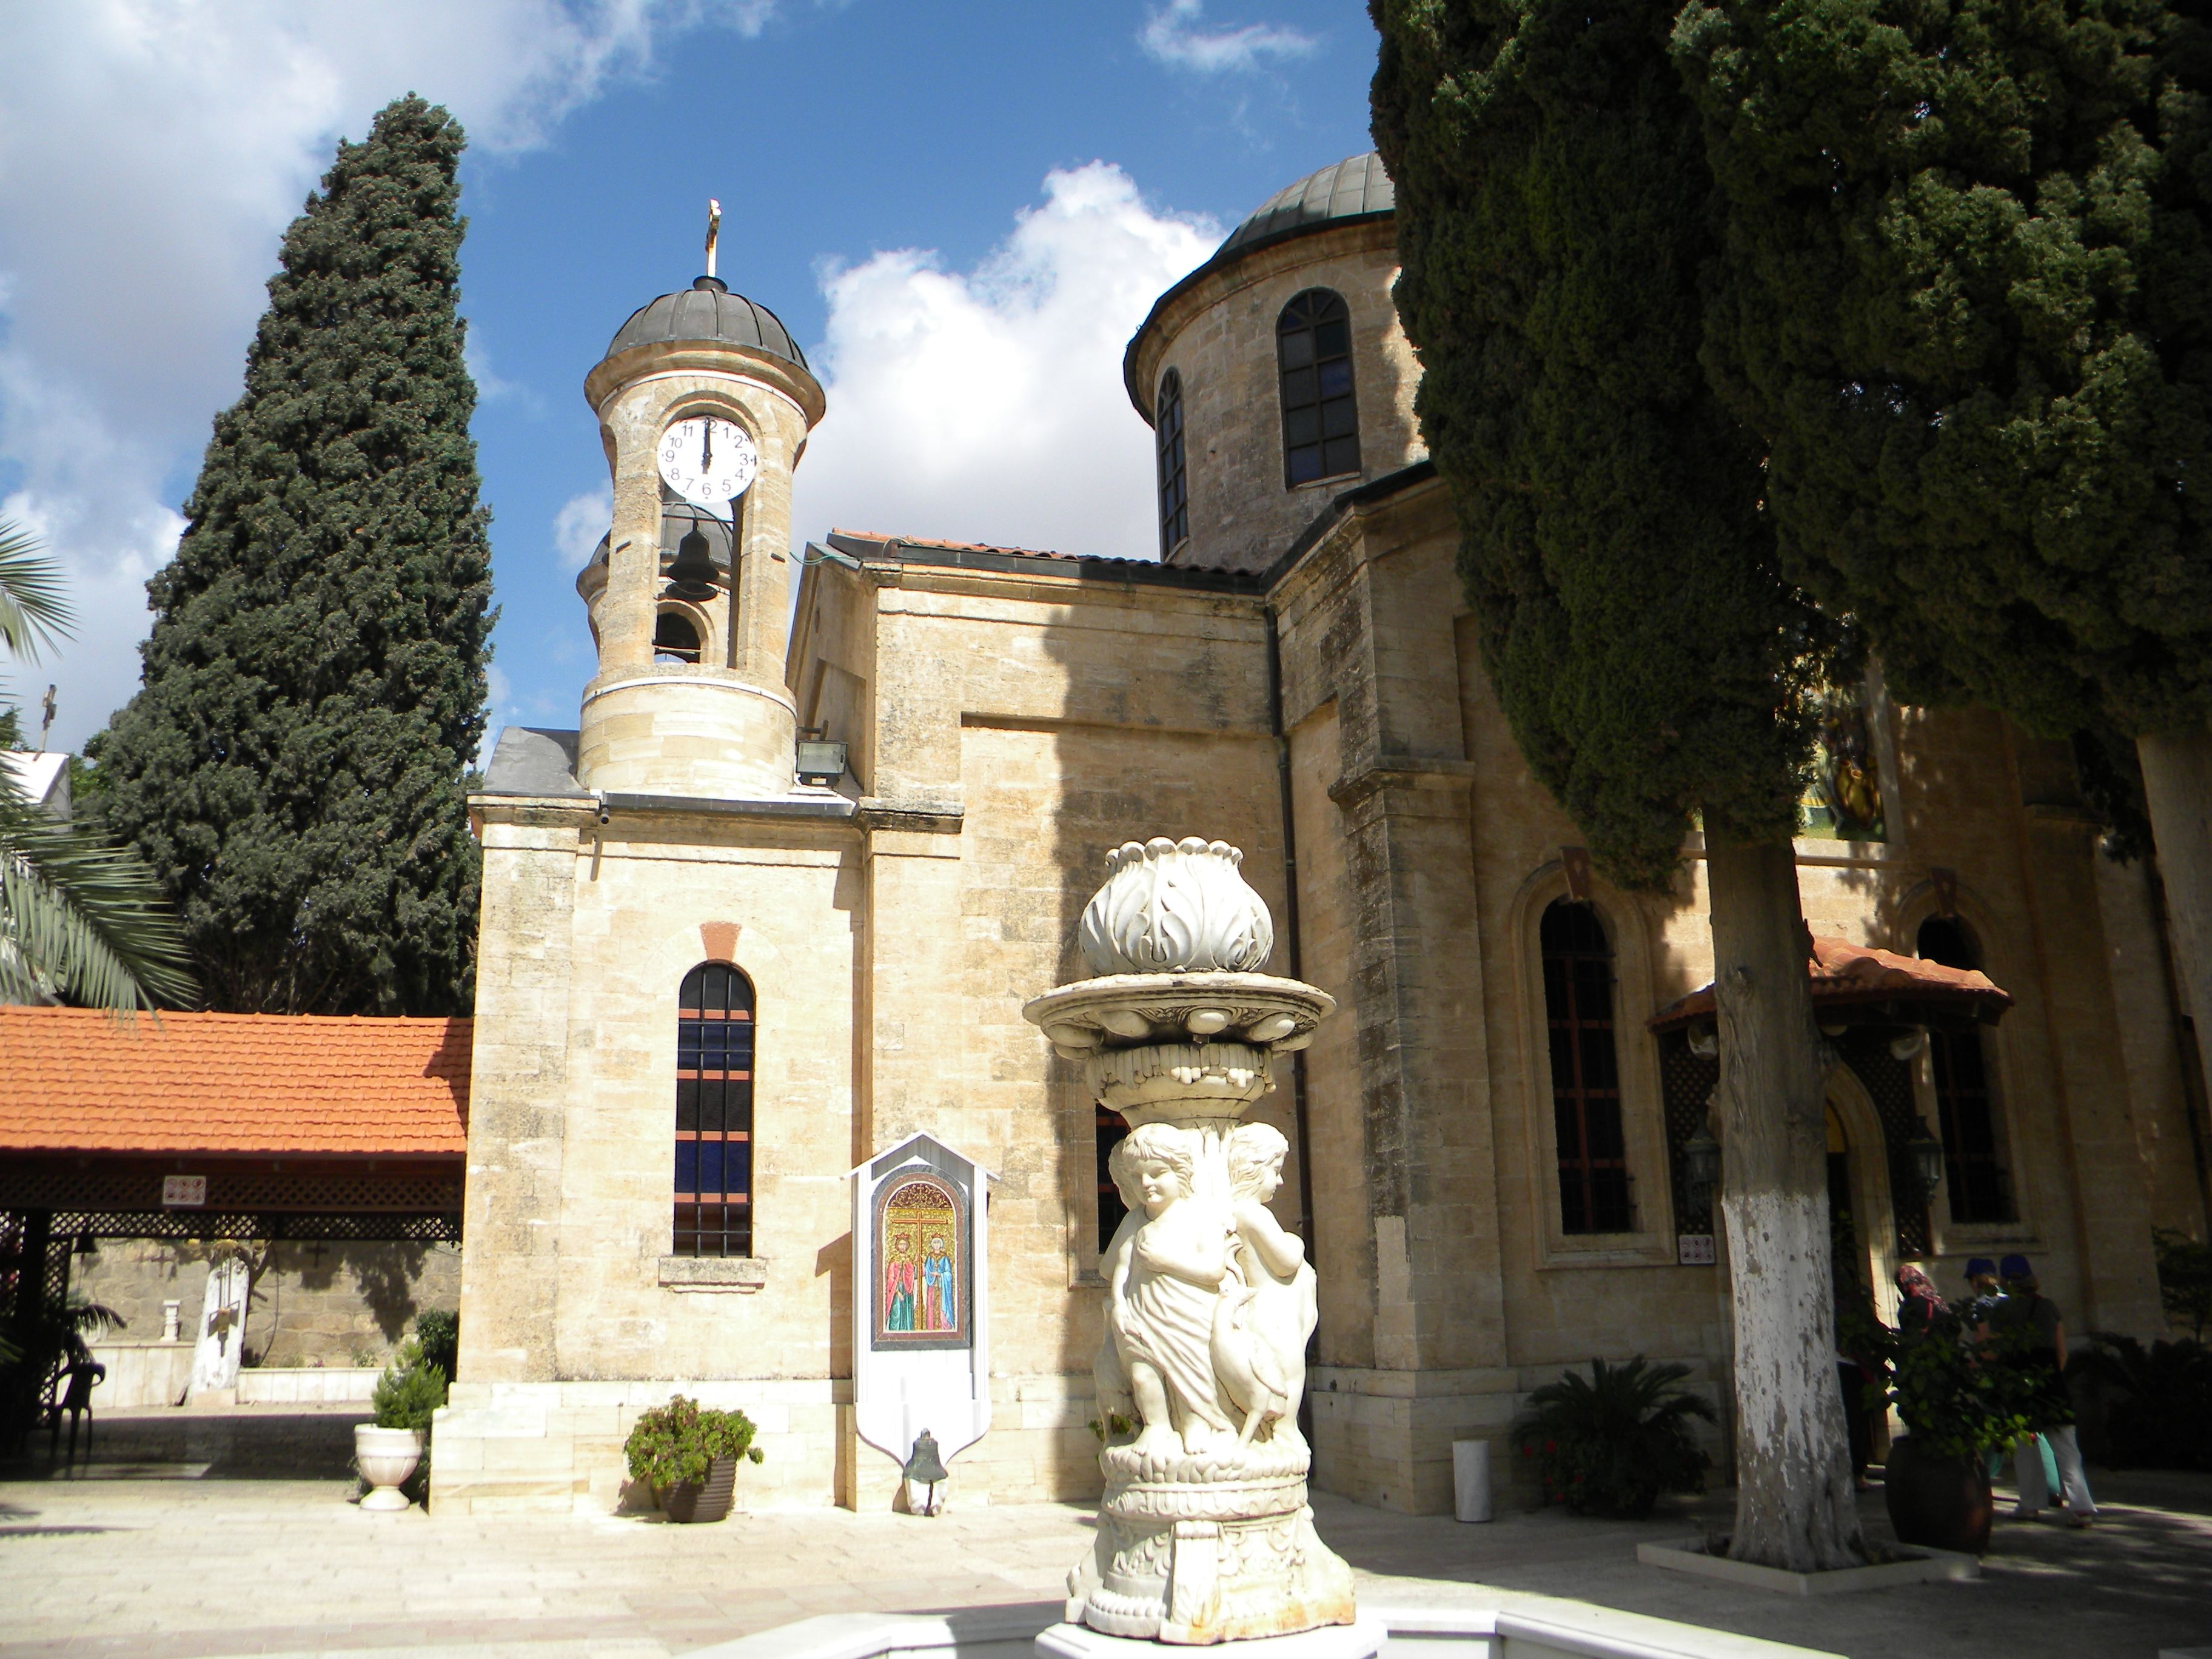 Cana Galileii, Israel